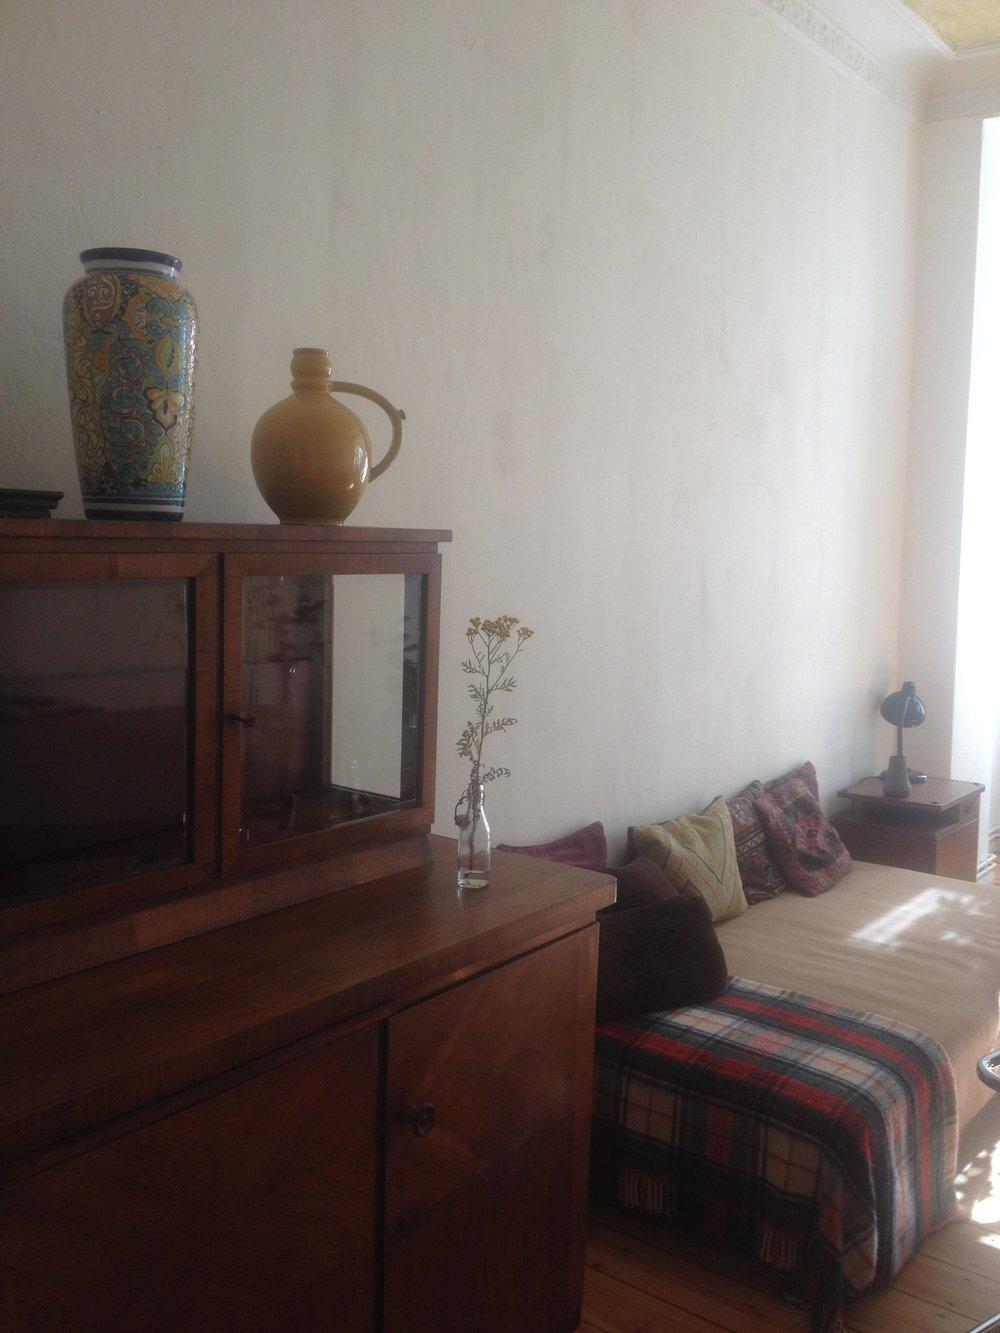 livingroombed.jpg